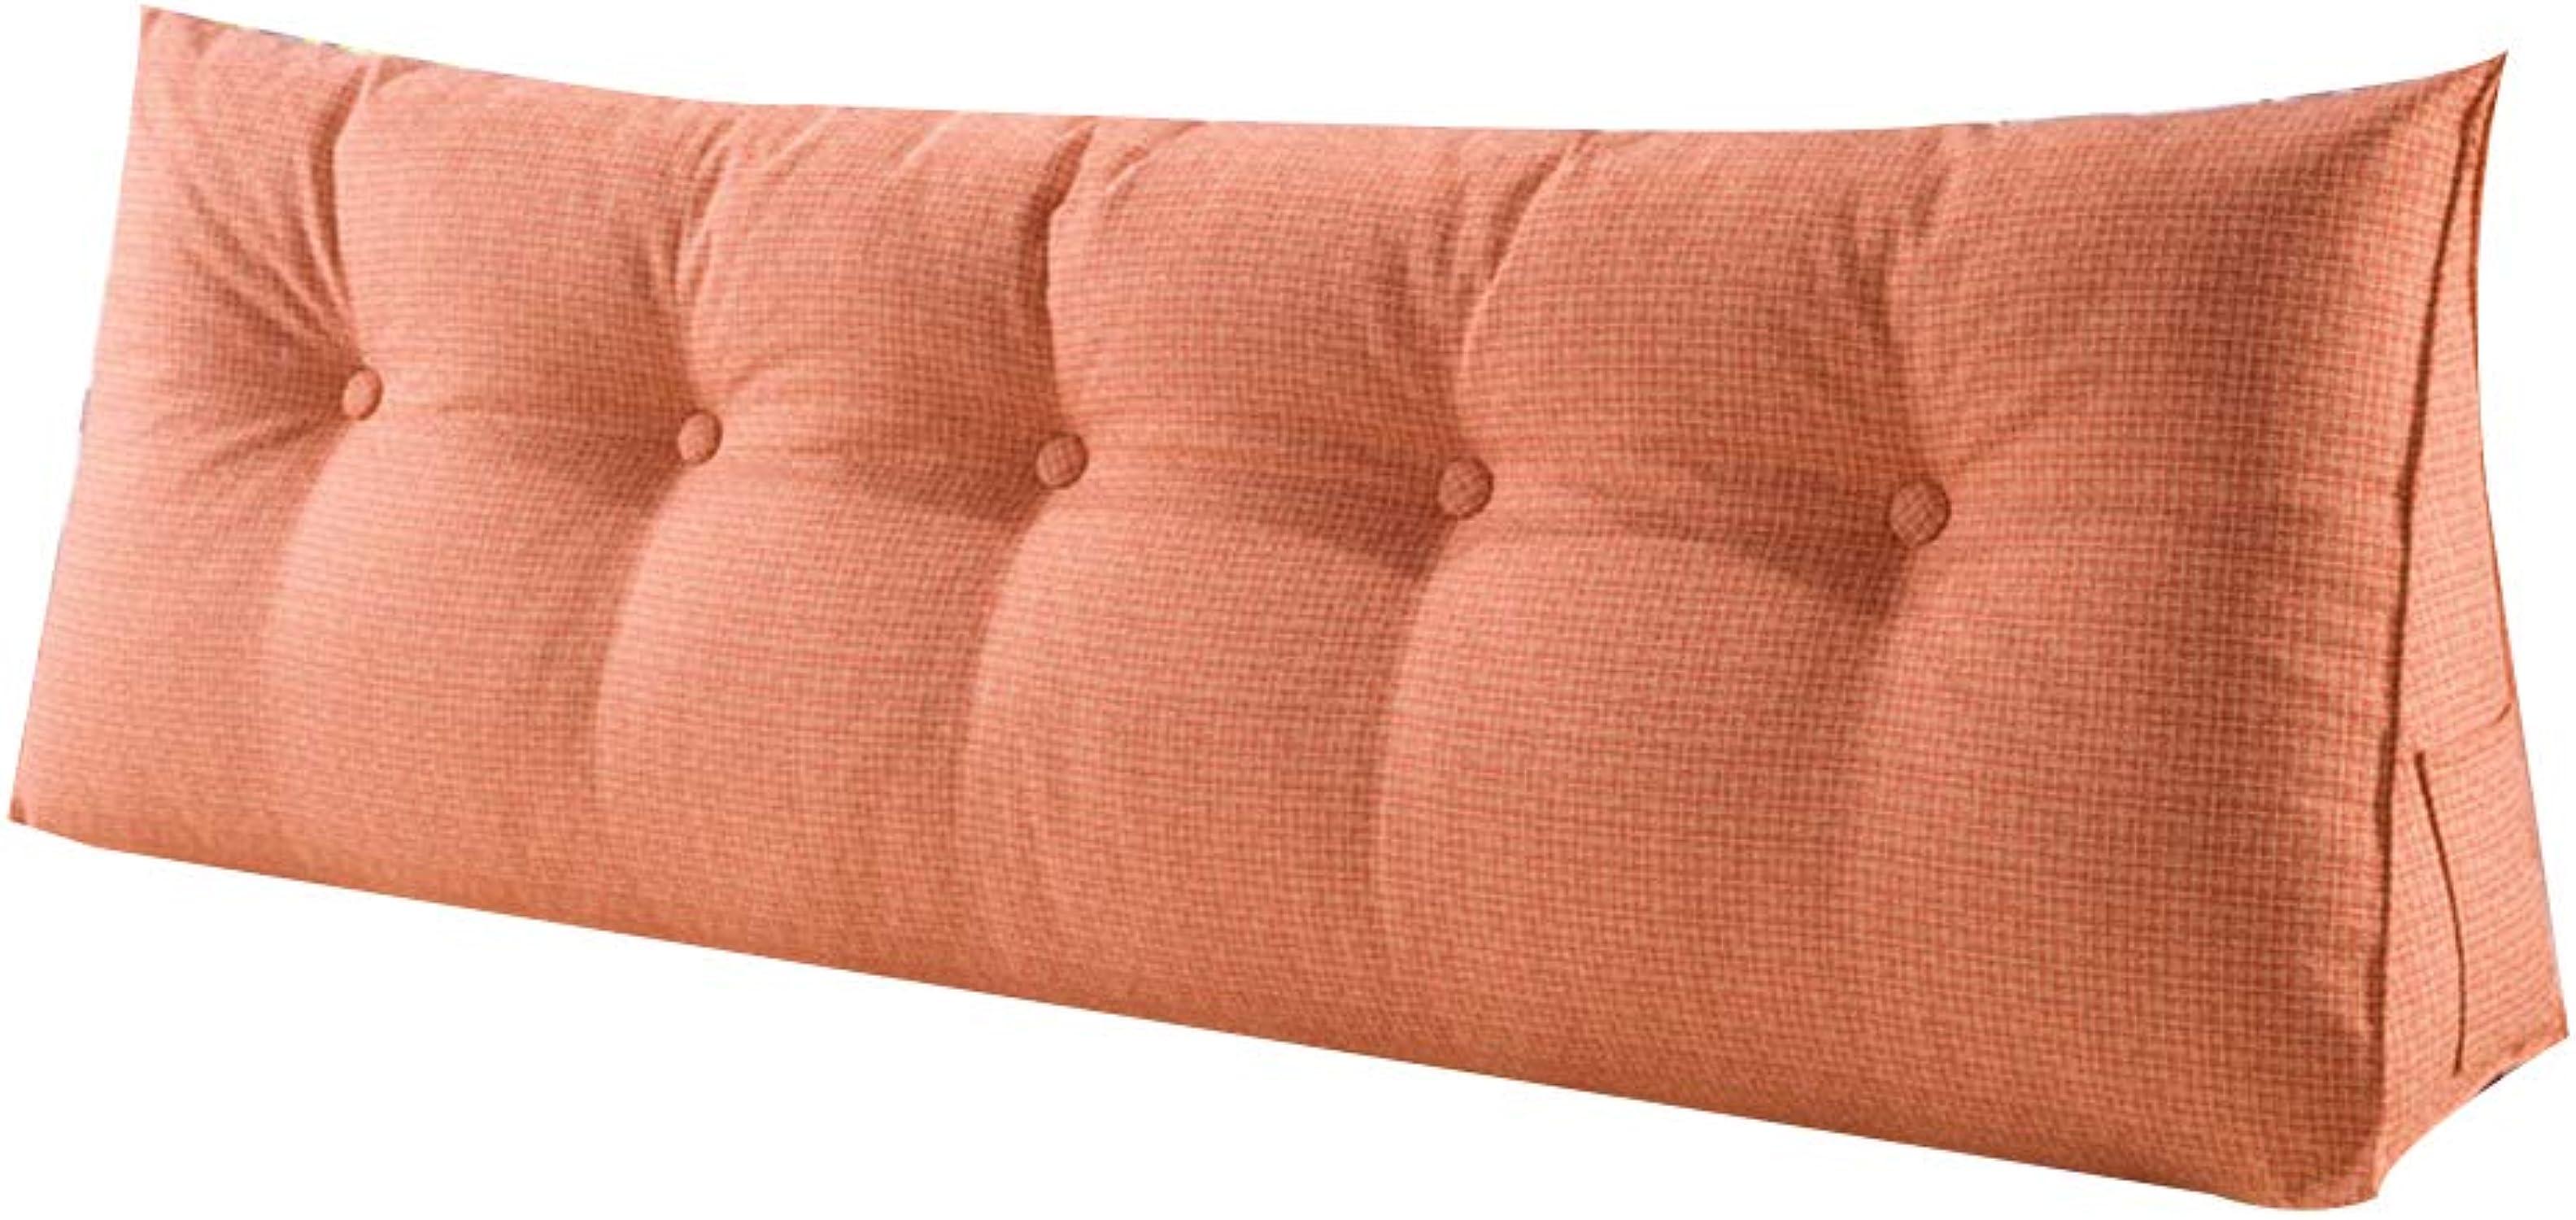 JYW-kaodian Tête De Lit Coussin Wedge PilFaible Housses De Coussins Oreiller Accueil Oreiller Lombaire Triangle Lavable, 6 Couleurs,Orange,120  20  50cm